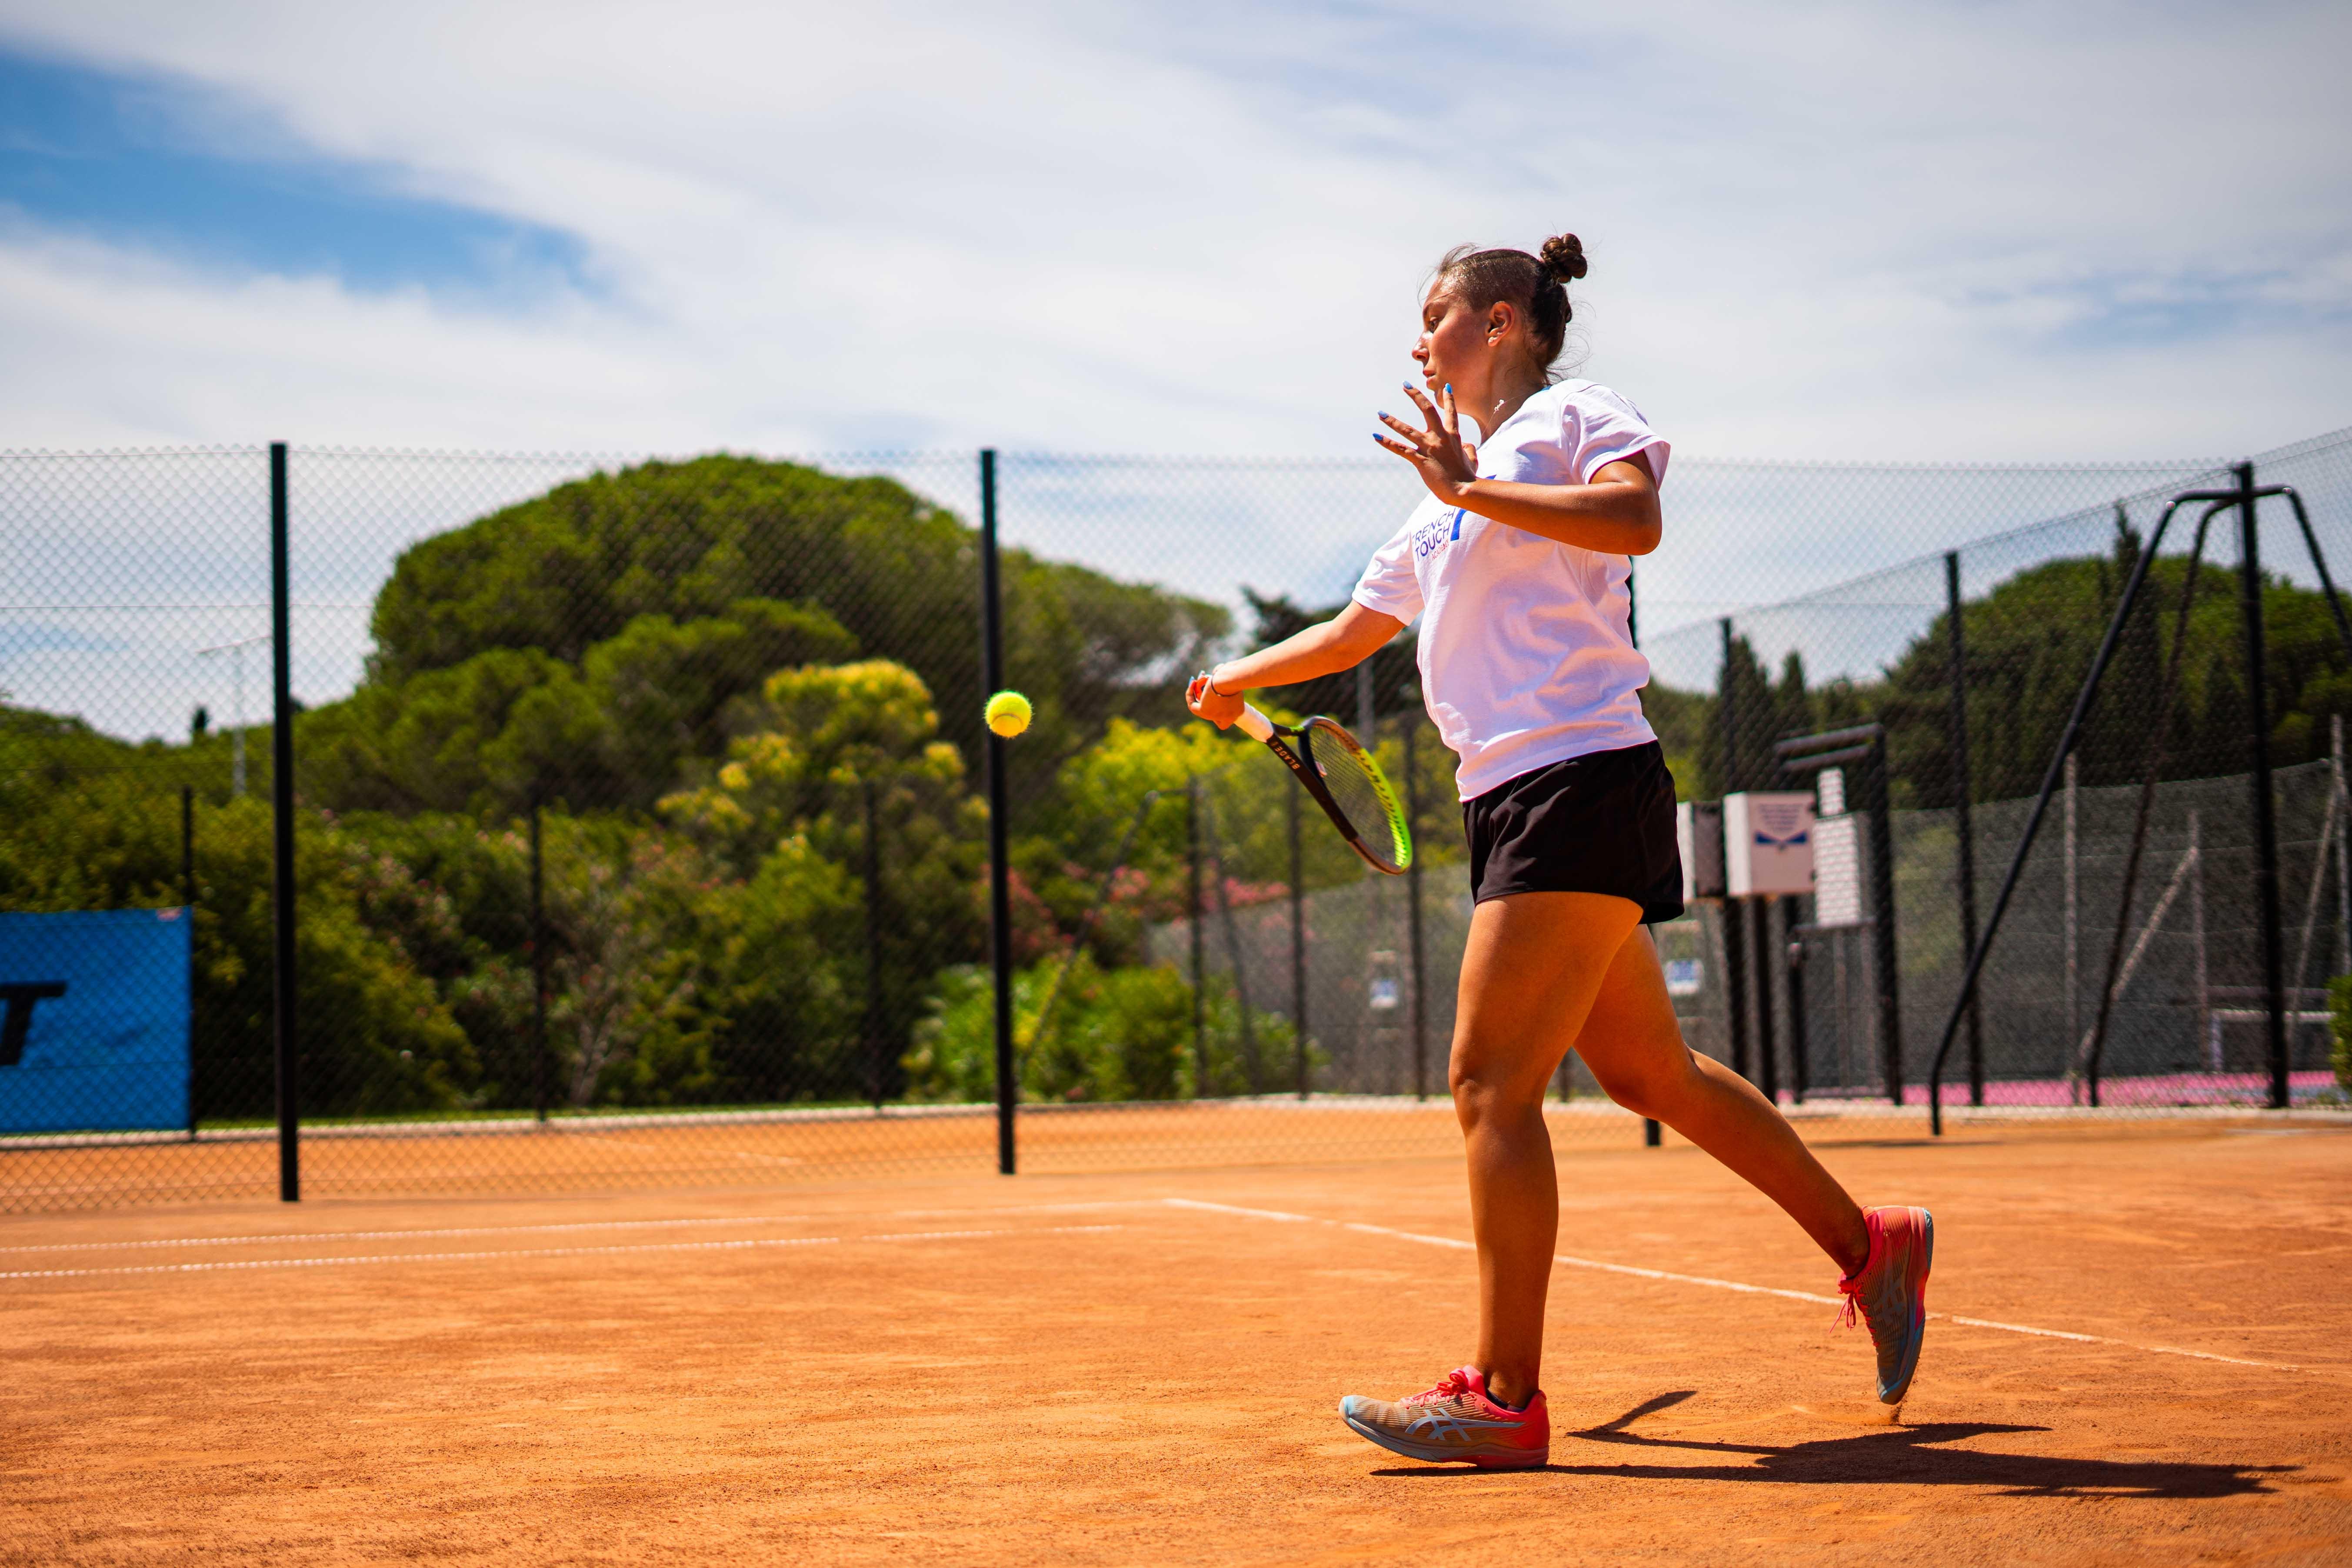 Joueuse de tennis professionnelle au Centre International de Tennis du Cap d'Agde